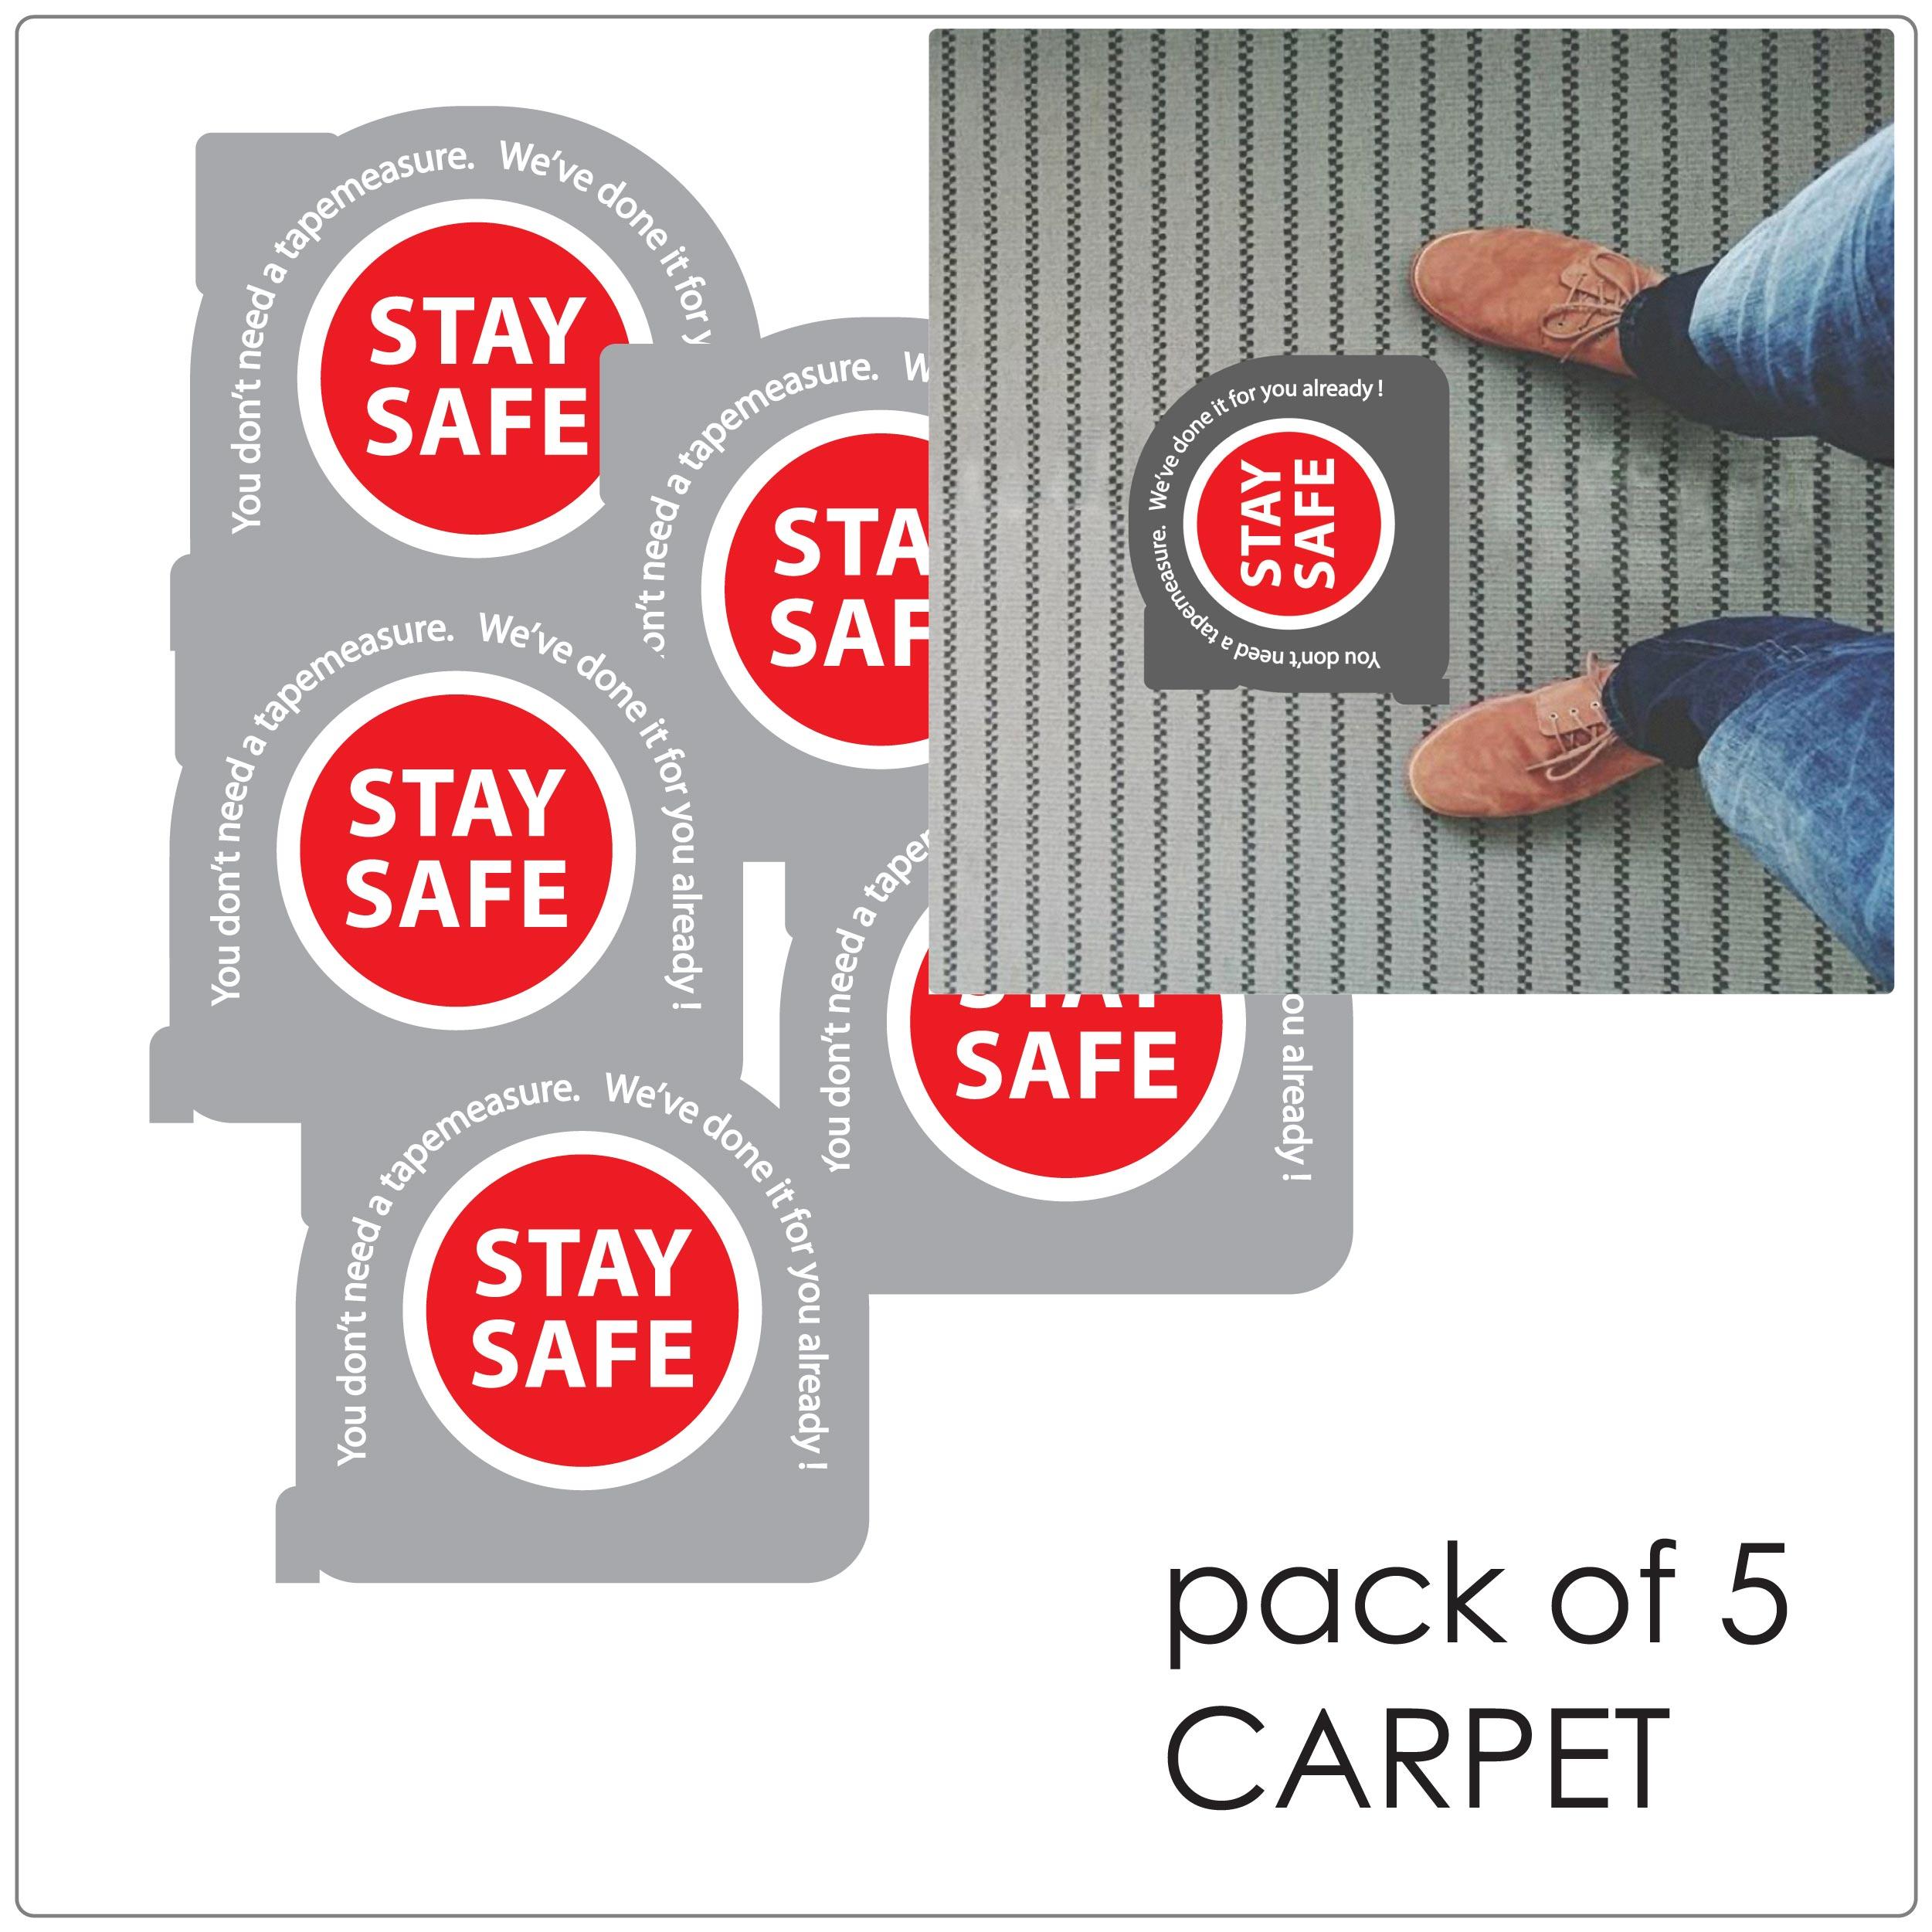 COVID-19 social distancing floor sticker for indoor floors, tape mesure